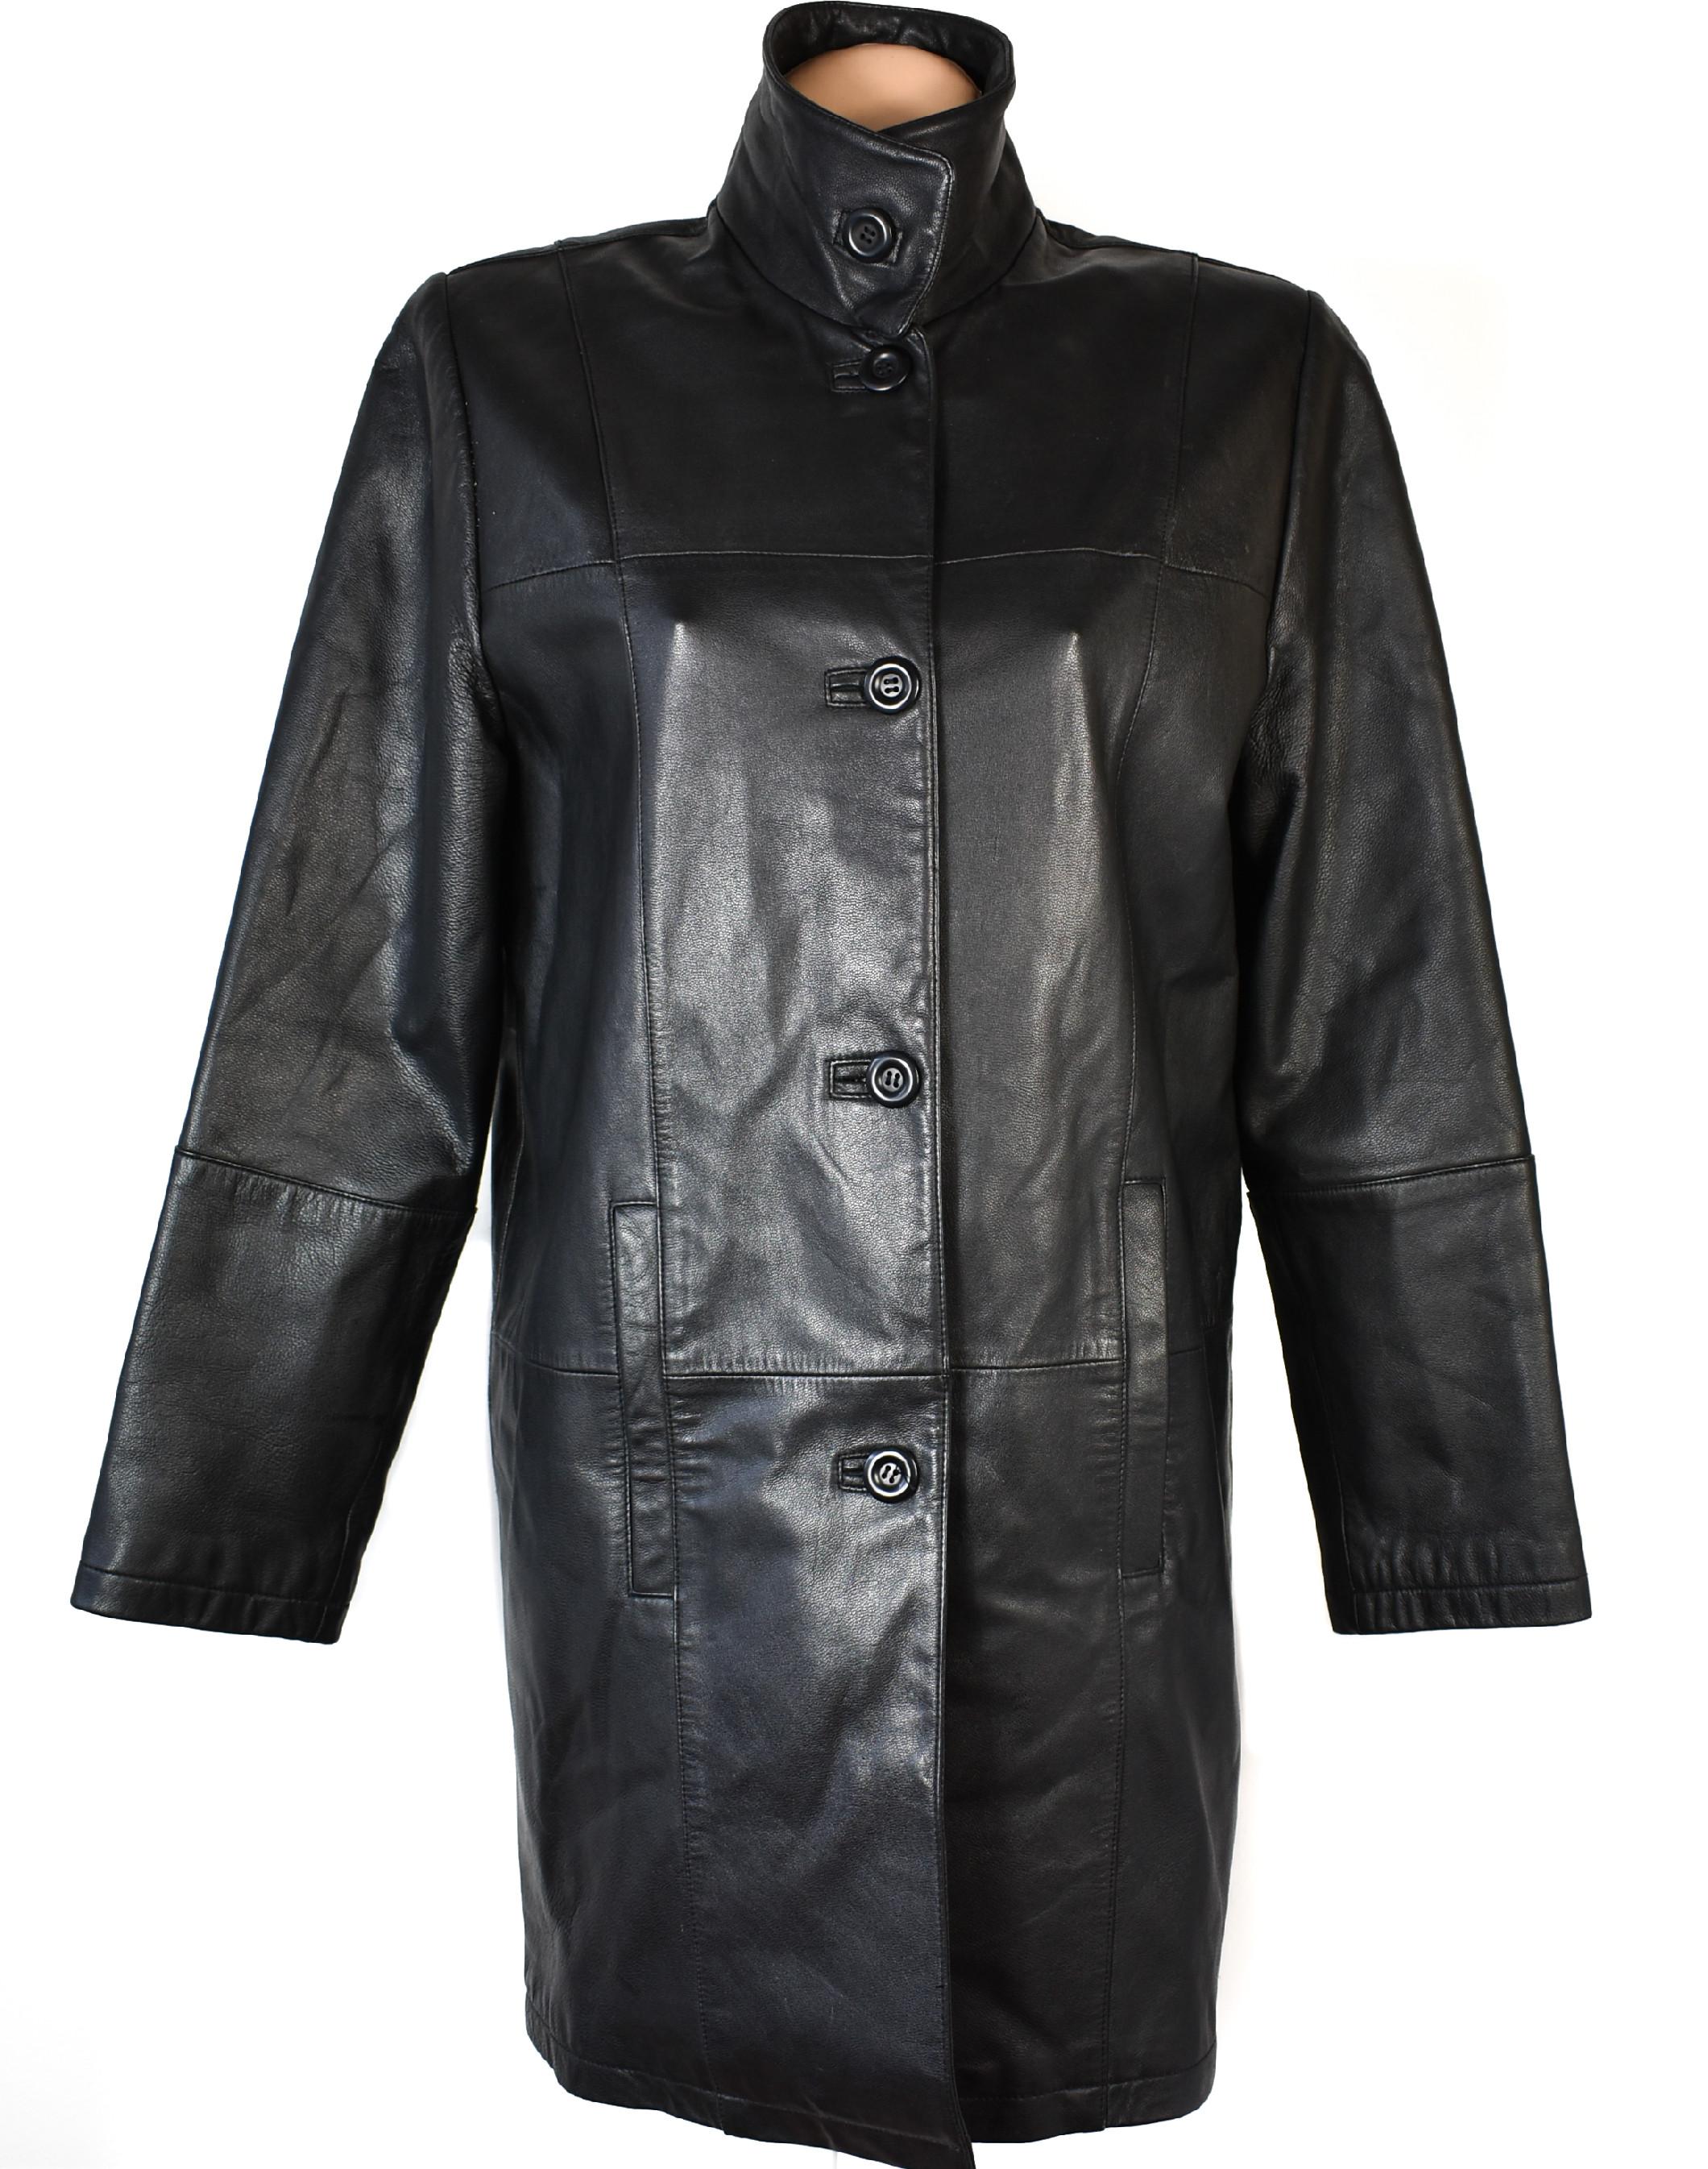 KOŽENÝ dámský černý kabát CERO XXXL+